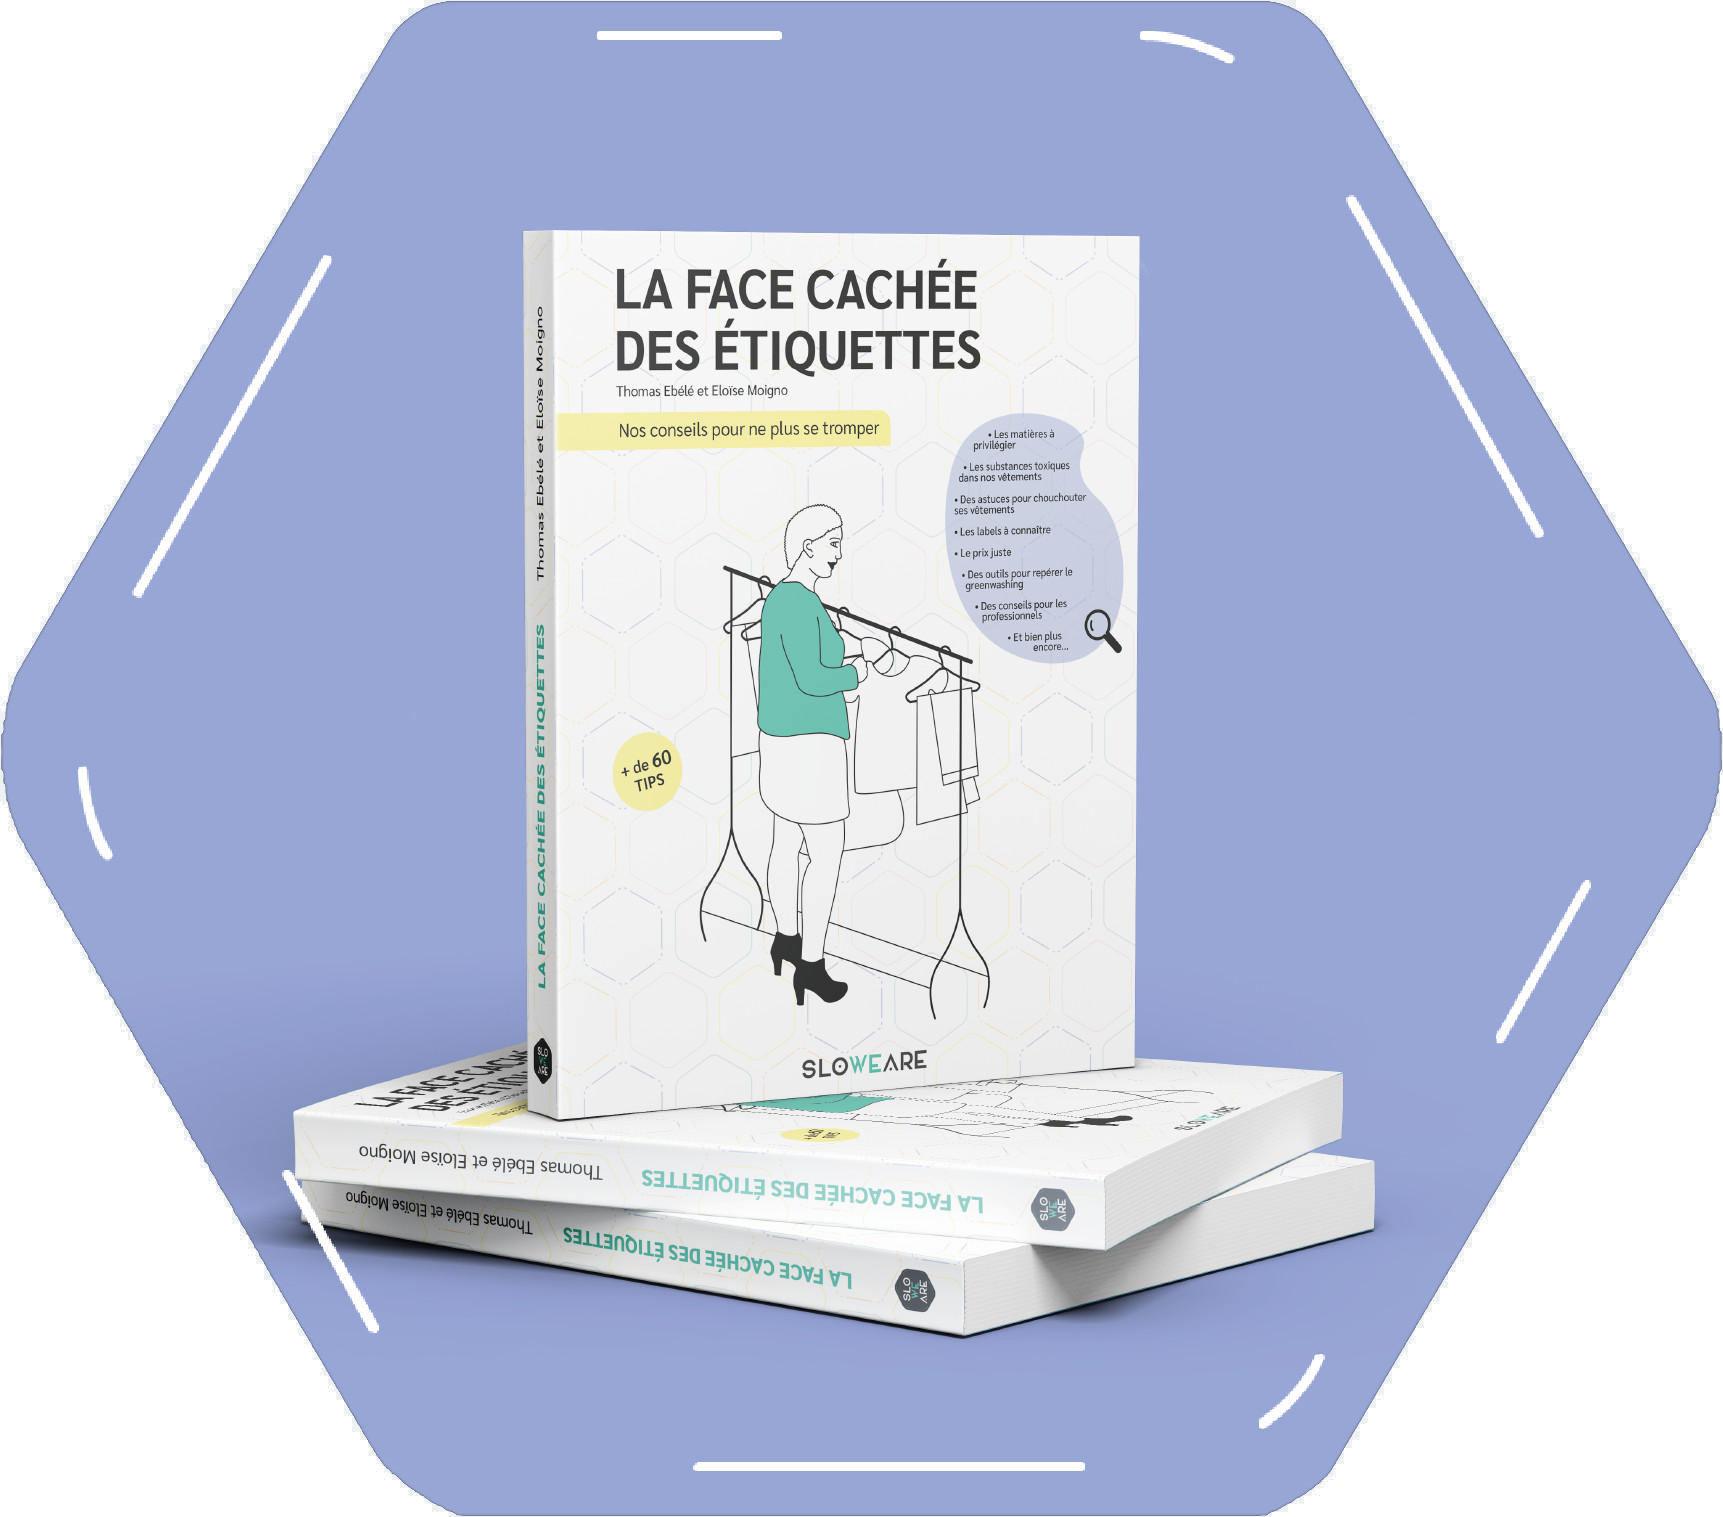 La face cachée des étiquettes - SloWeAre - pile de livres